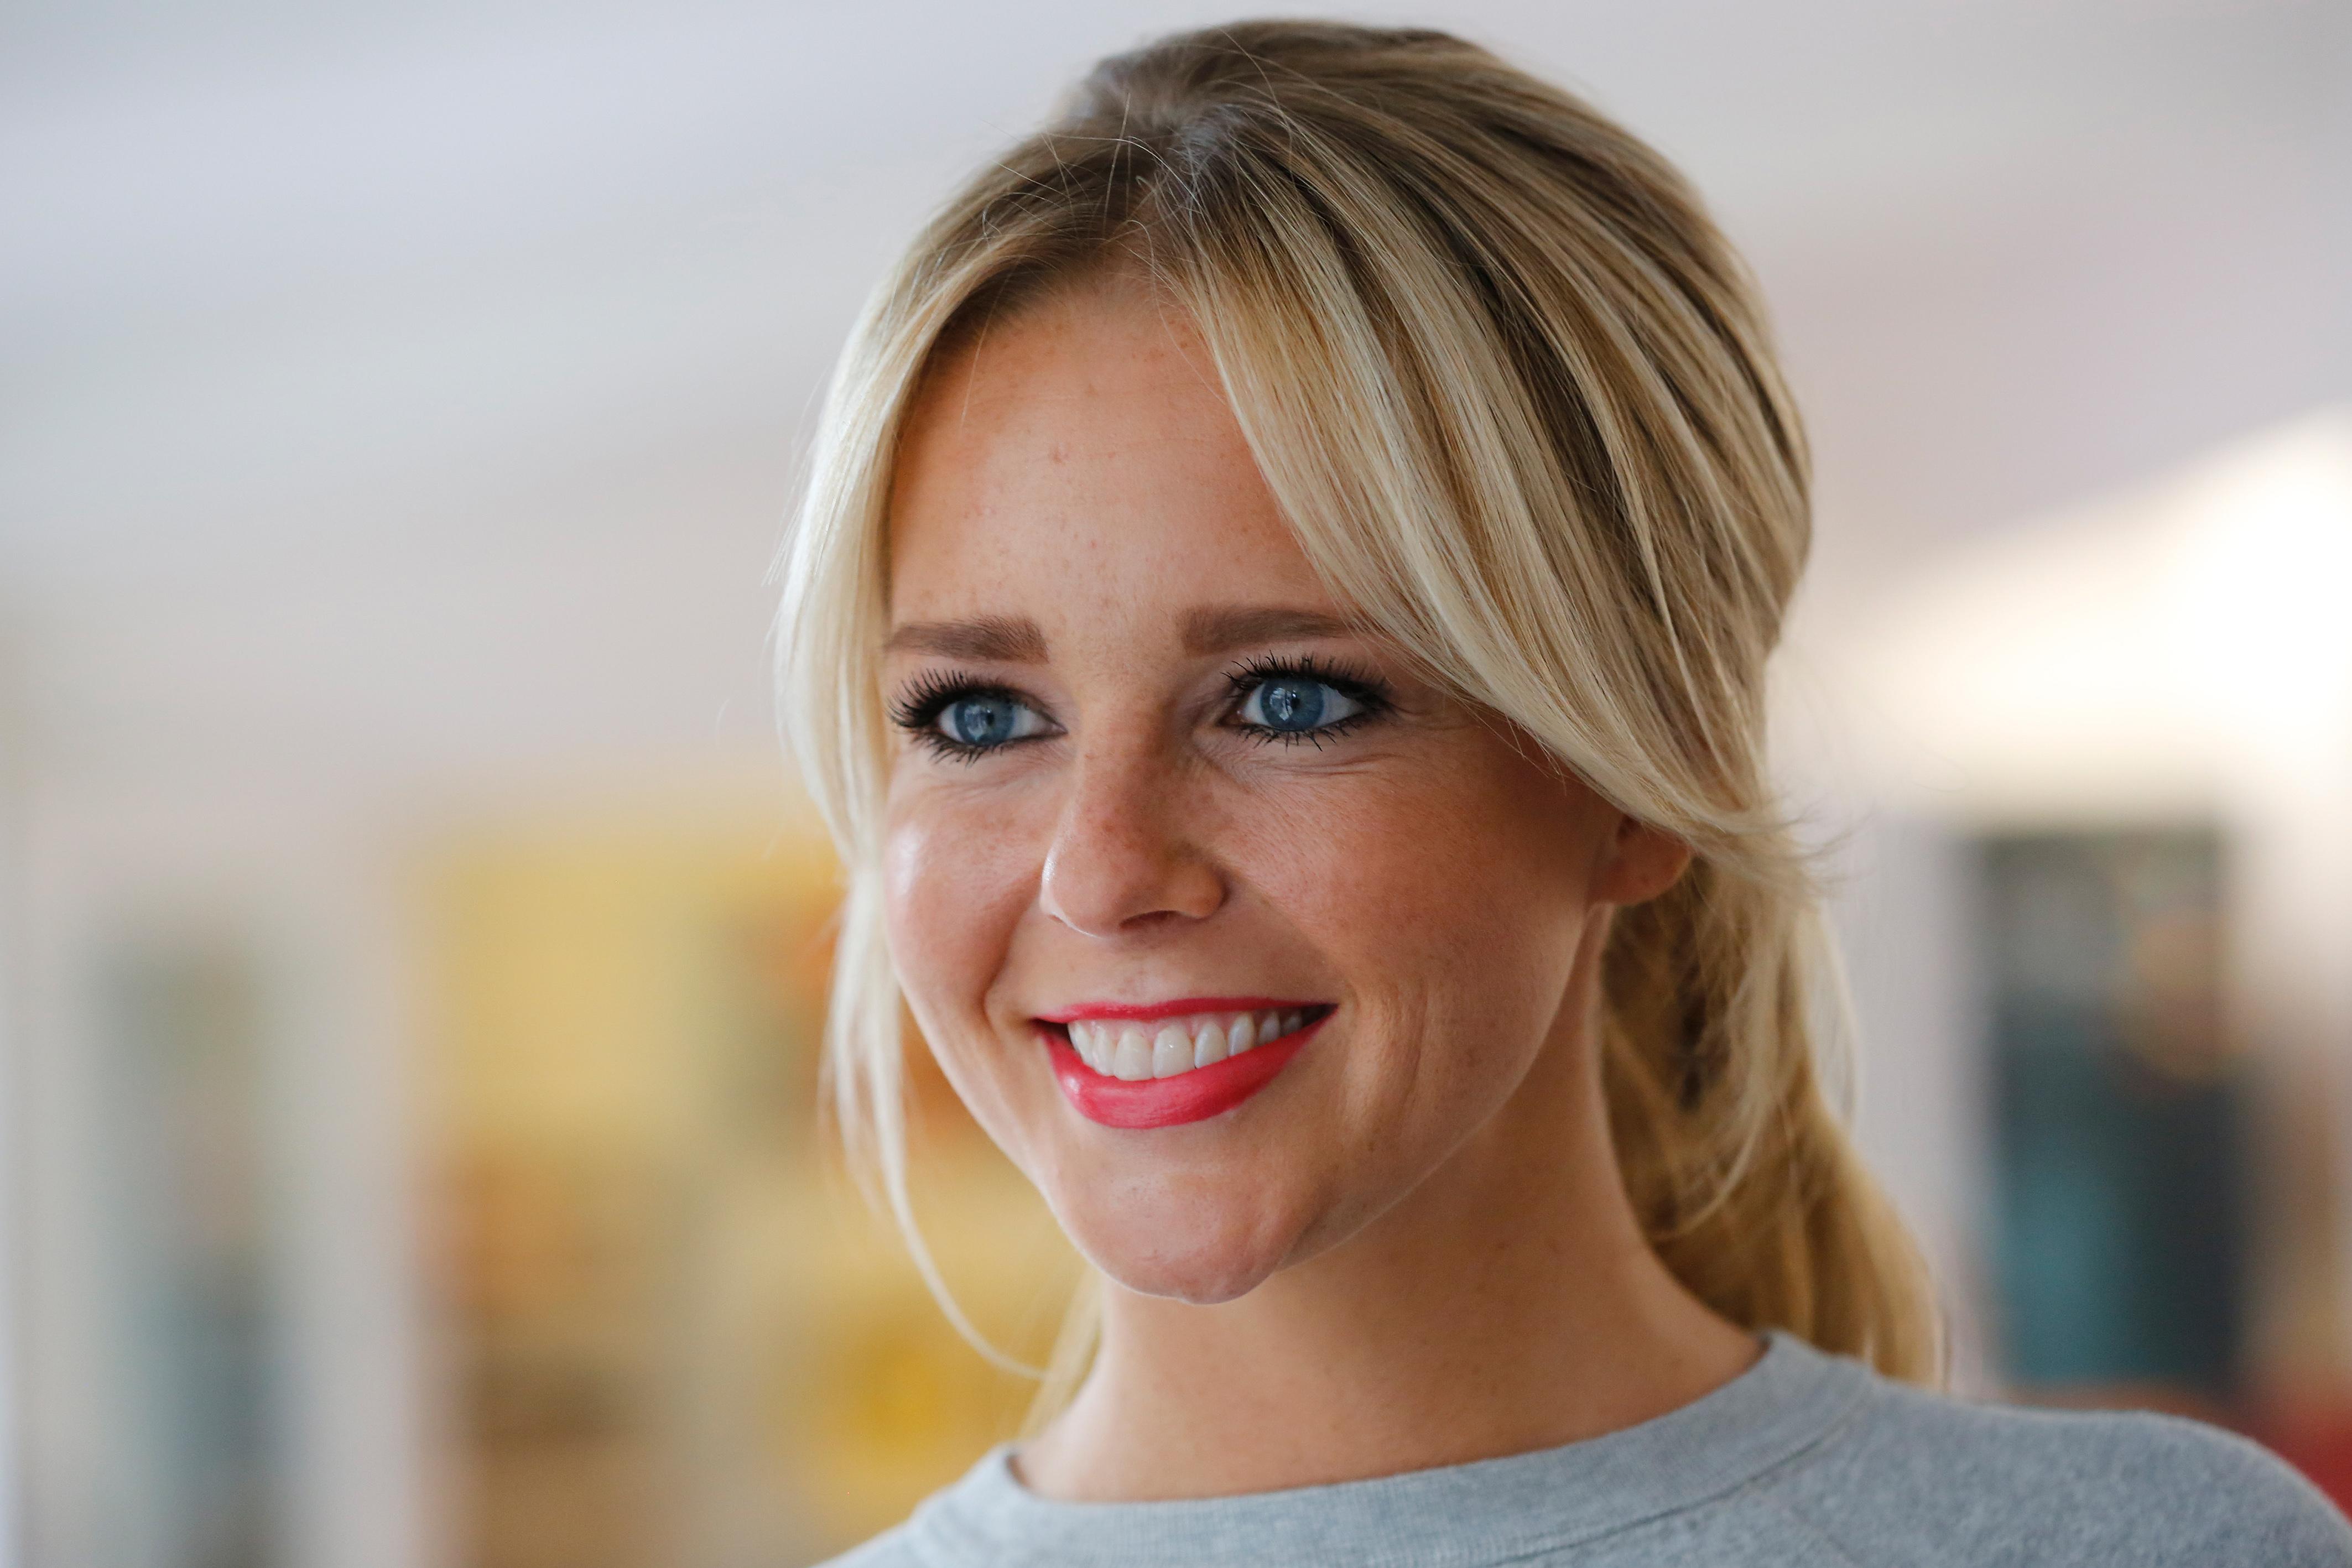 Chantal Janzen naakt in eerste editie van eigen glossy